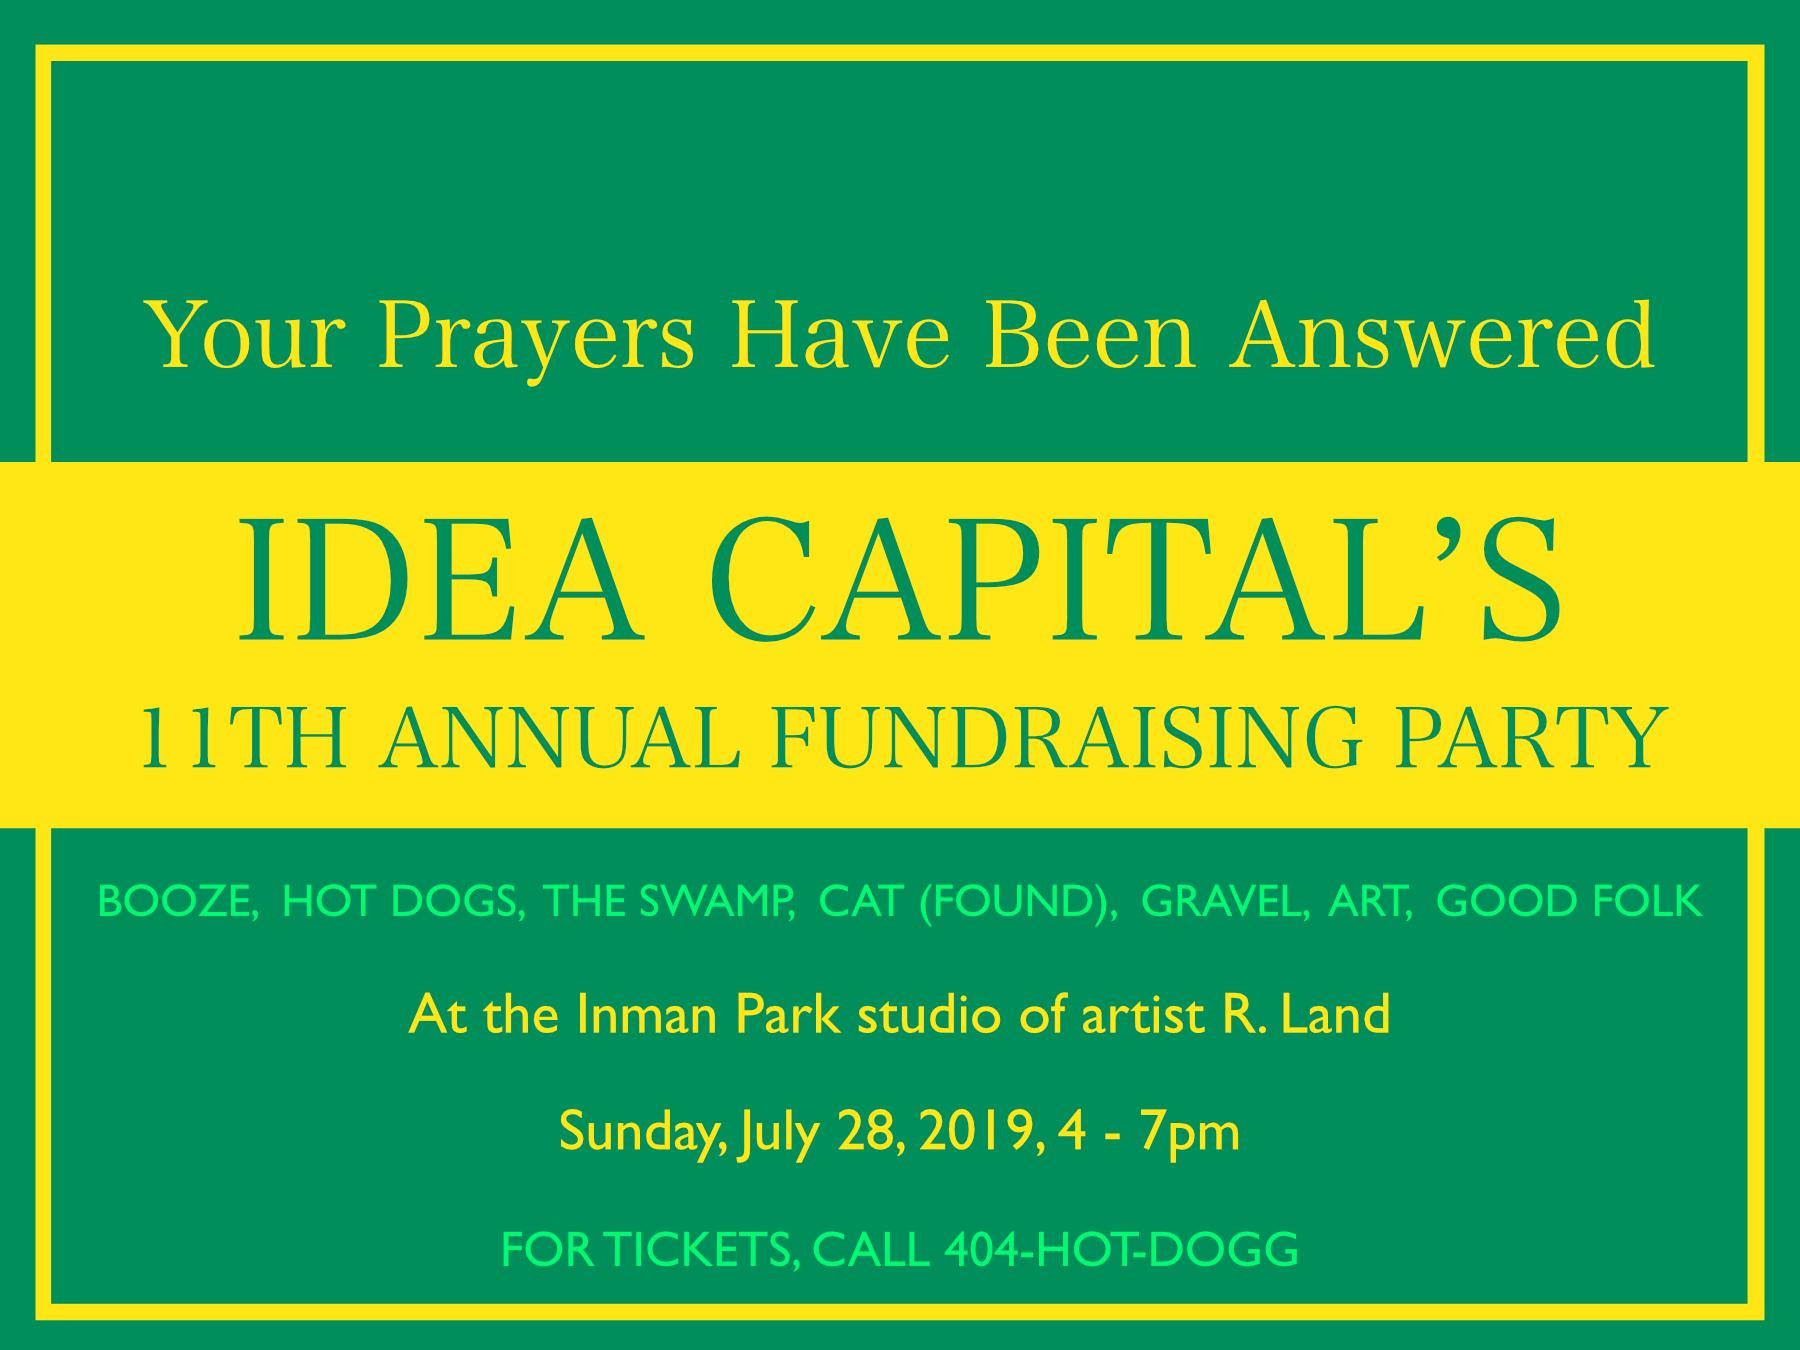 idea cap invite 2019.png